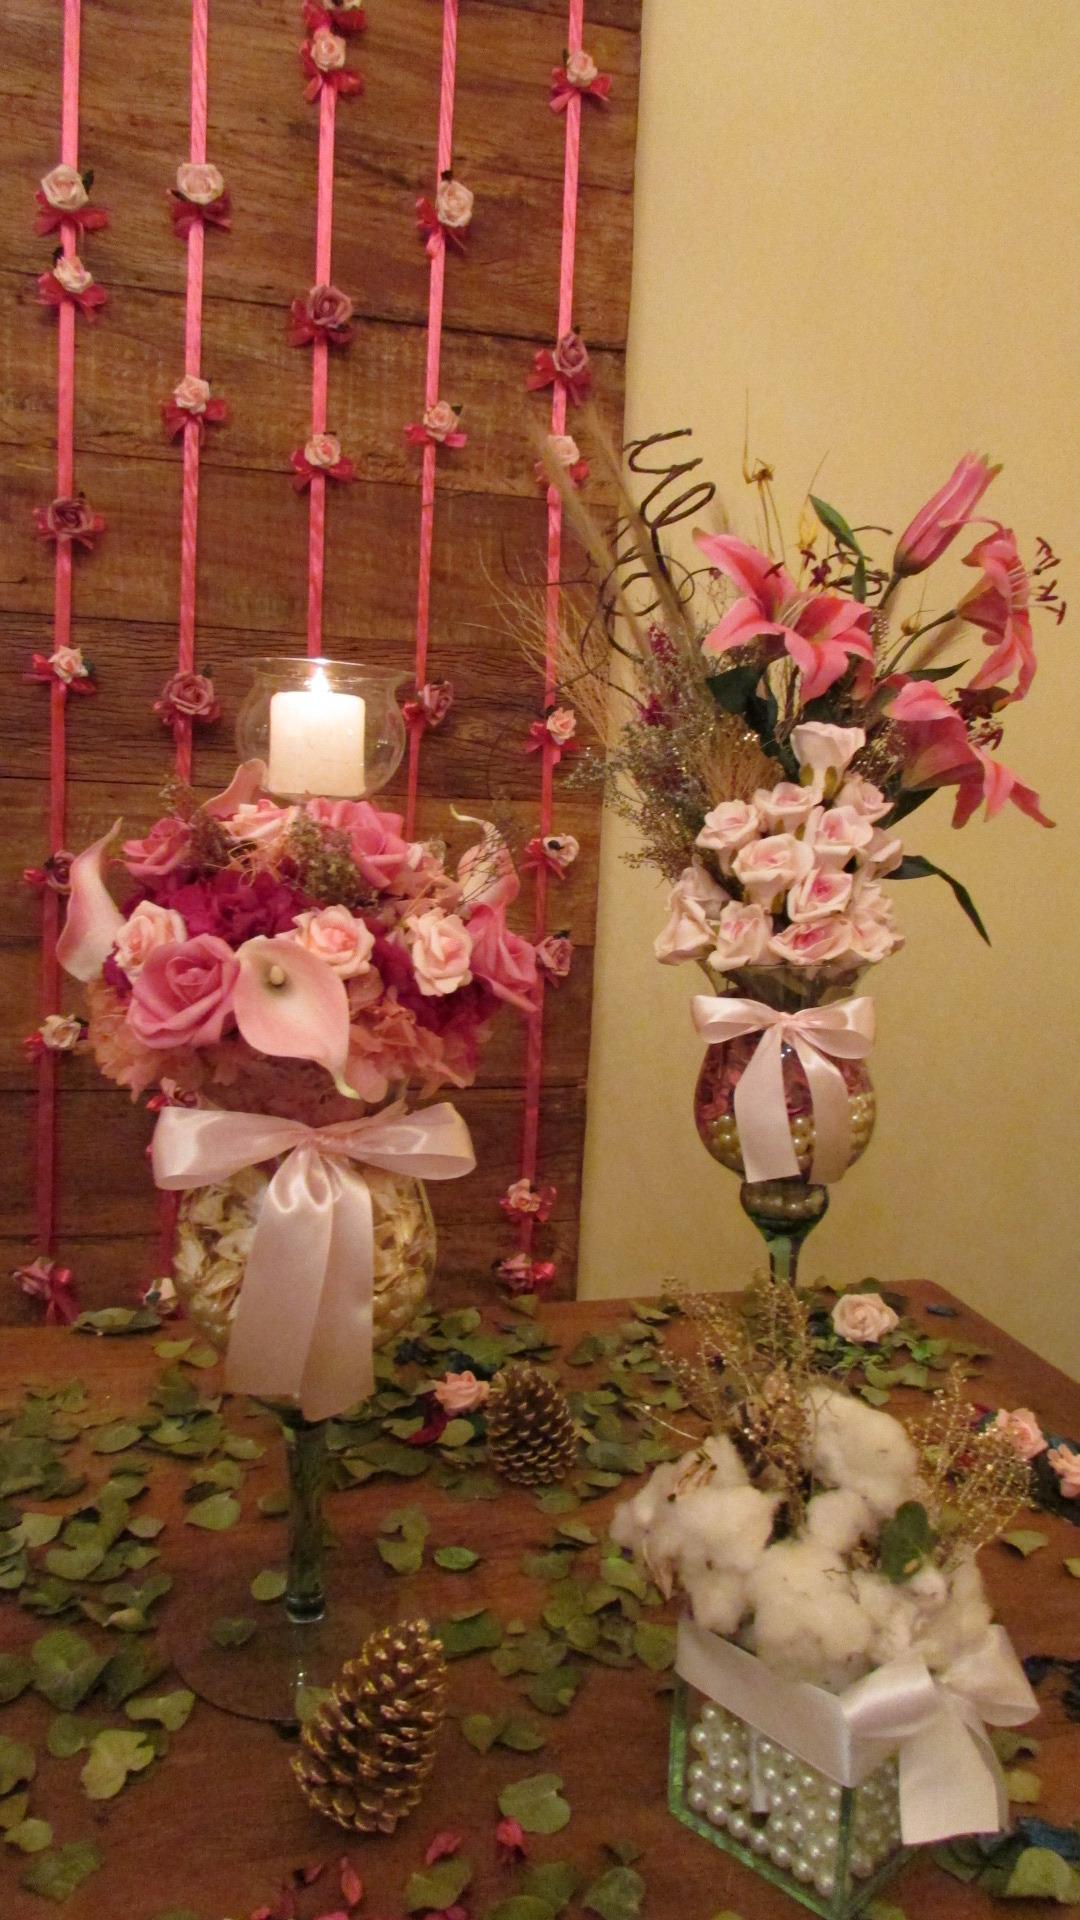 Fotos de vasos de flores naturais 31